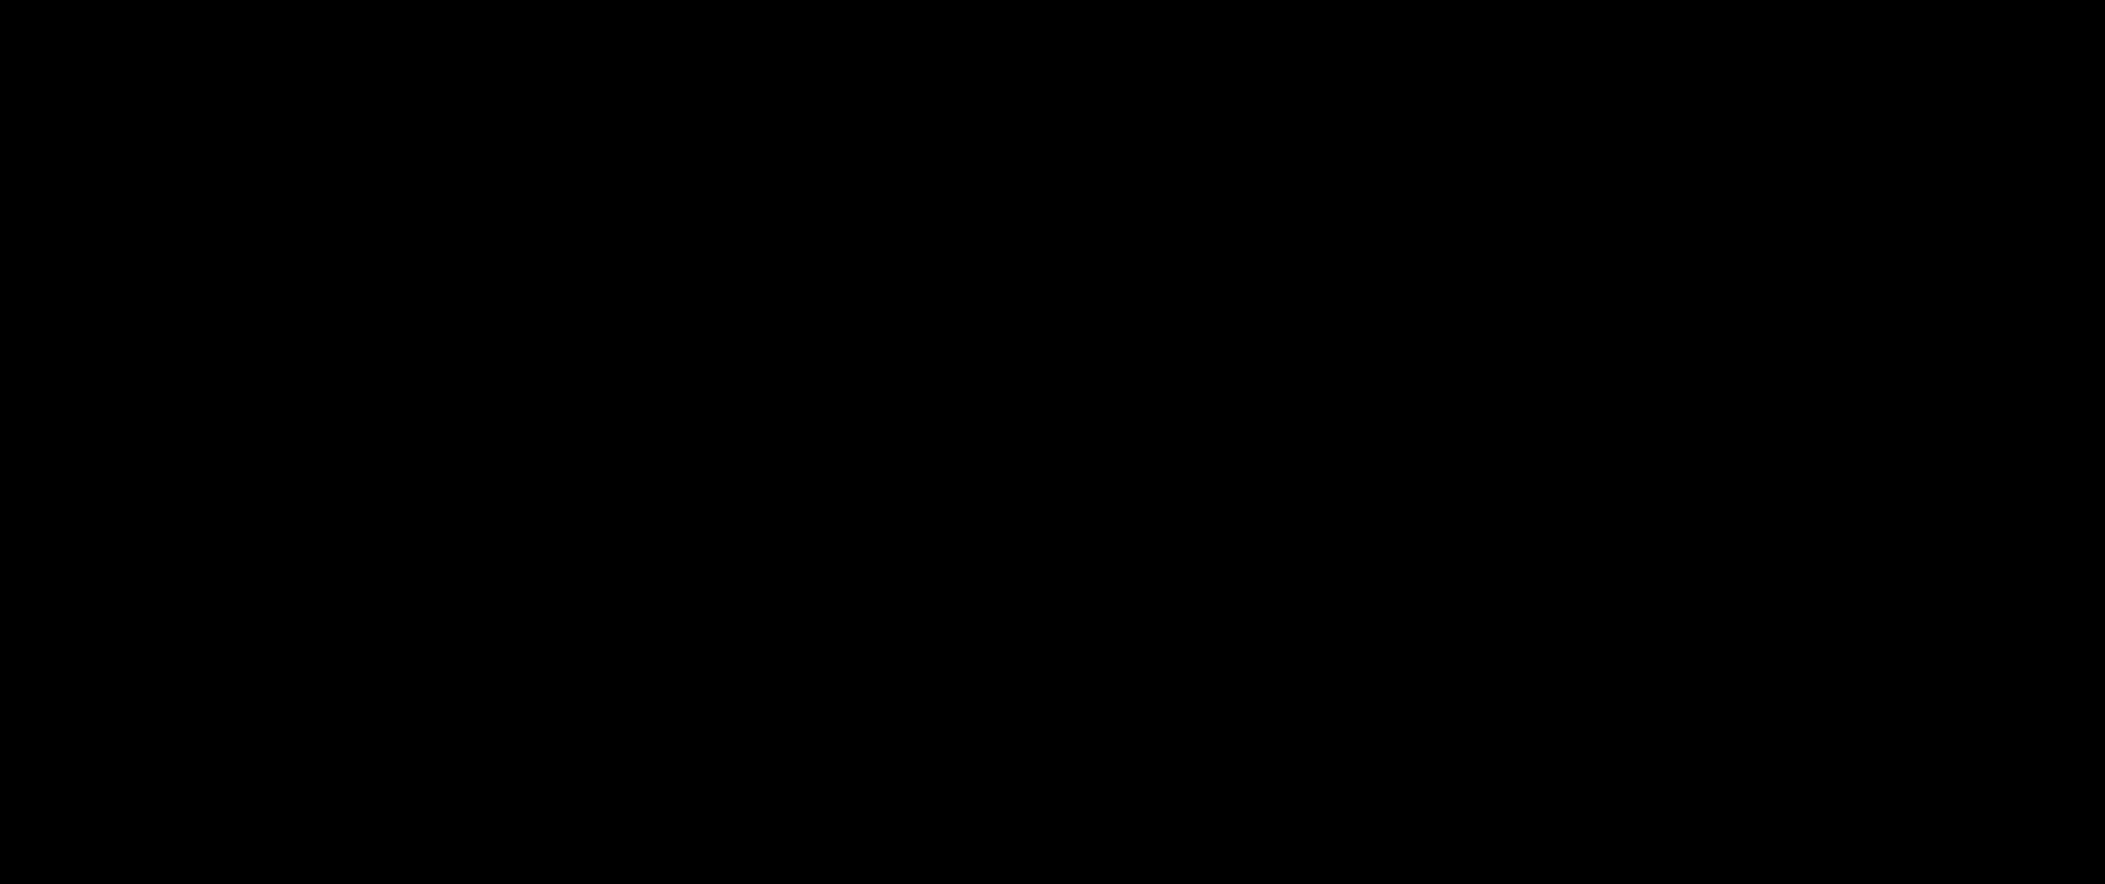 D by dashoppe d-ICON Logo.